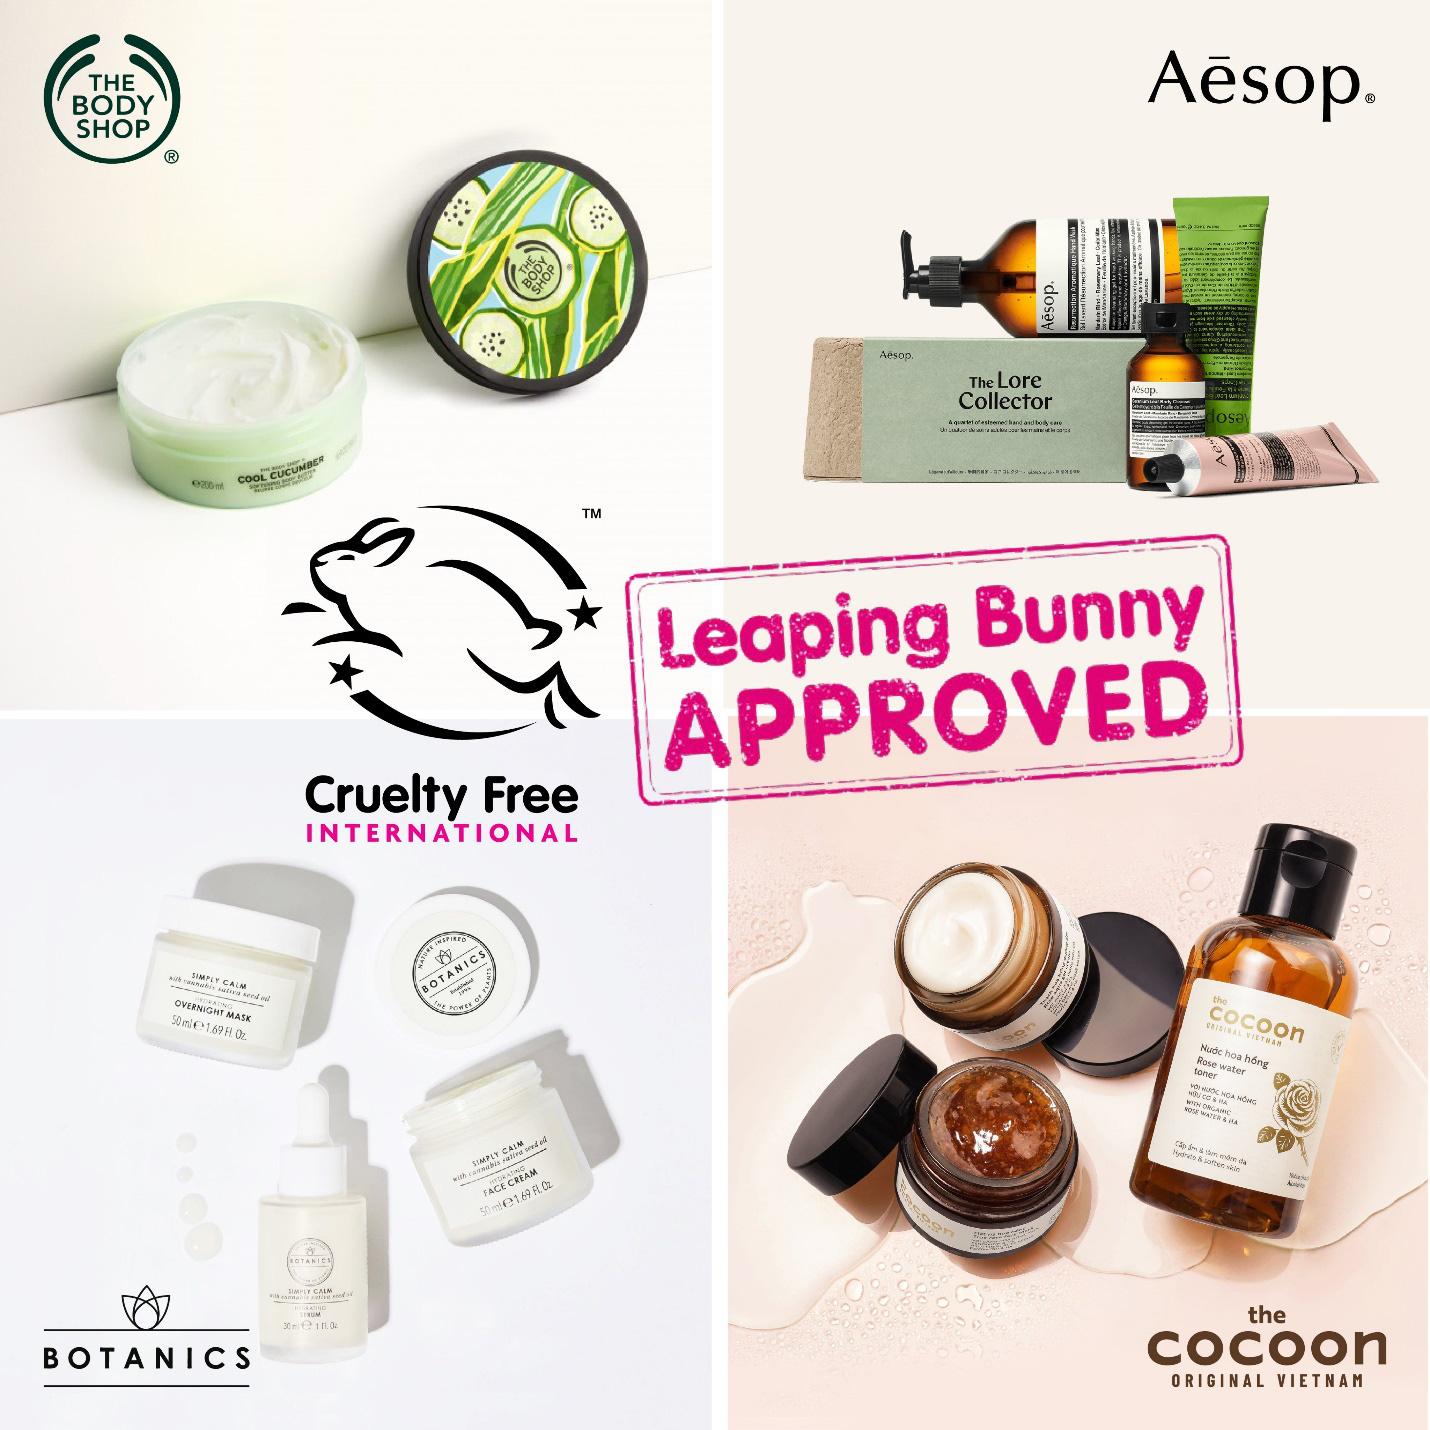 Cocoon - Mỹ phẩm Việt đầu tiên góp mặt trong danh sách không thử nghiệm trên động vật của Leaping Bunny - Hình 2